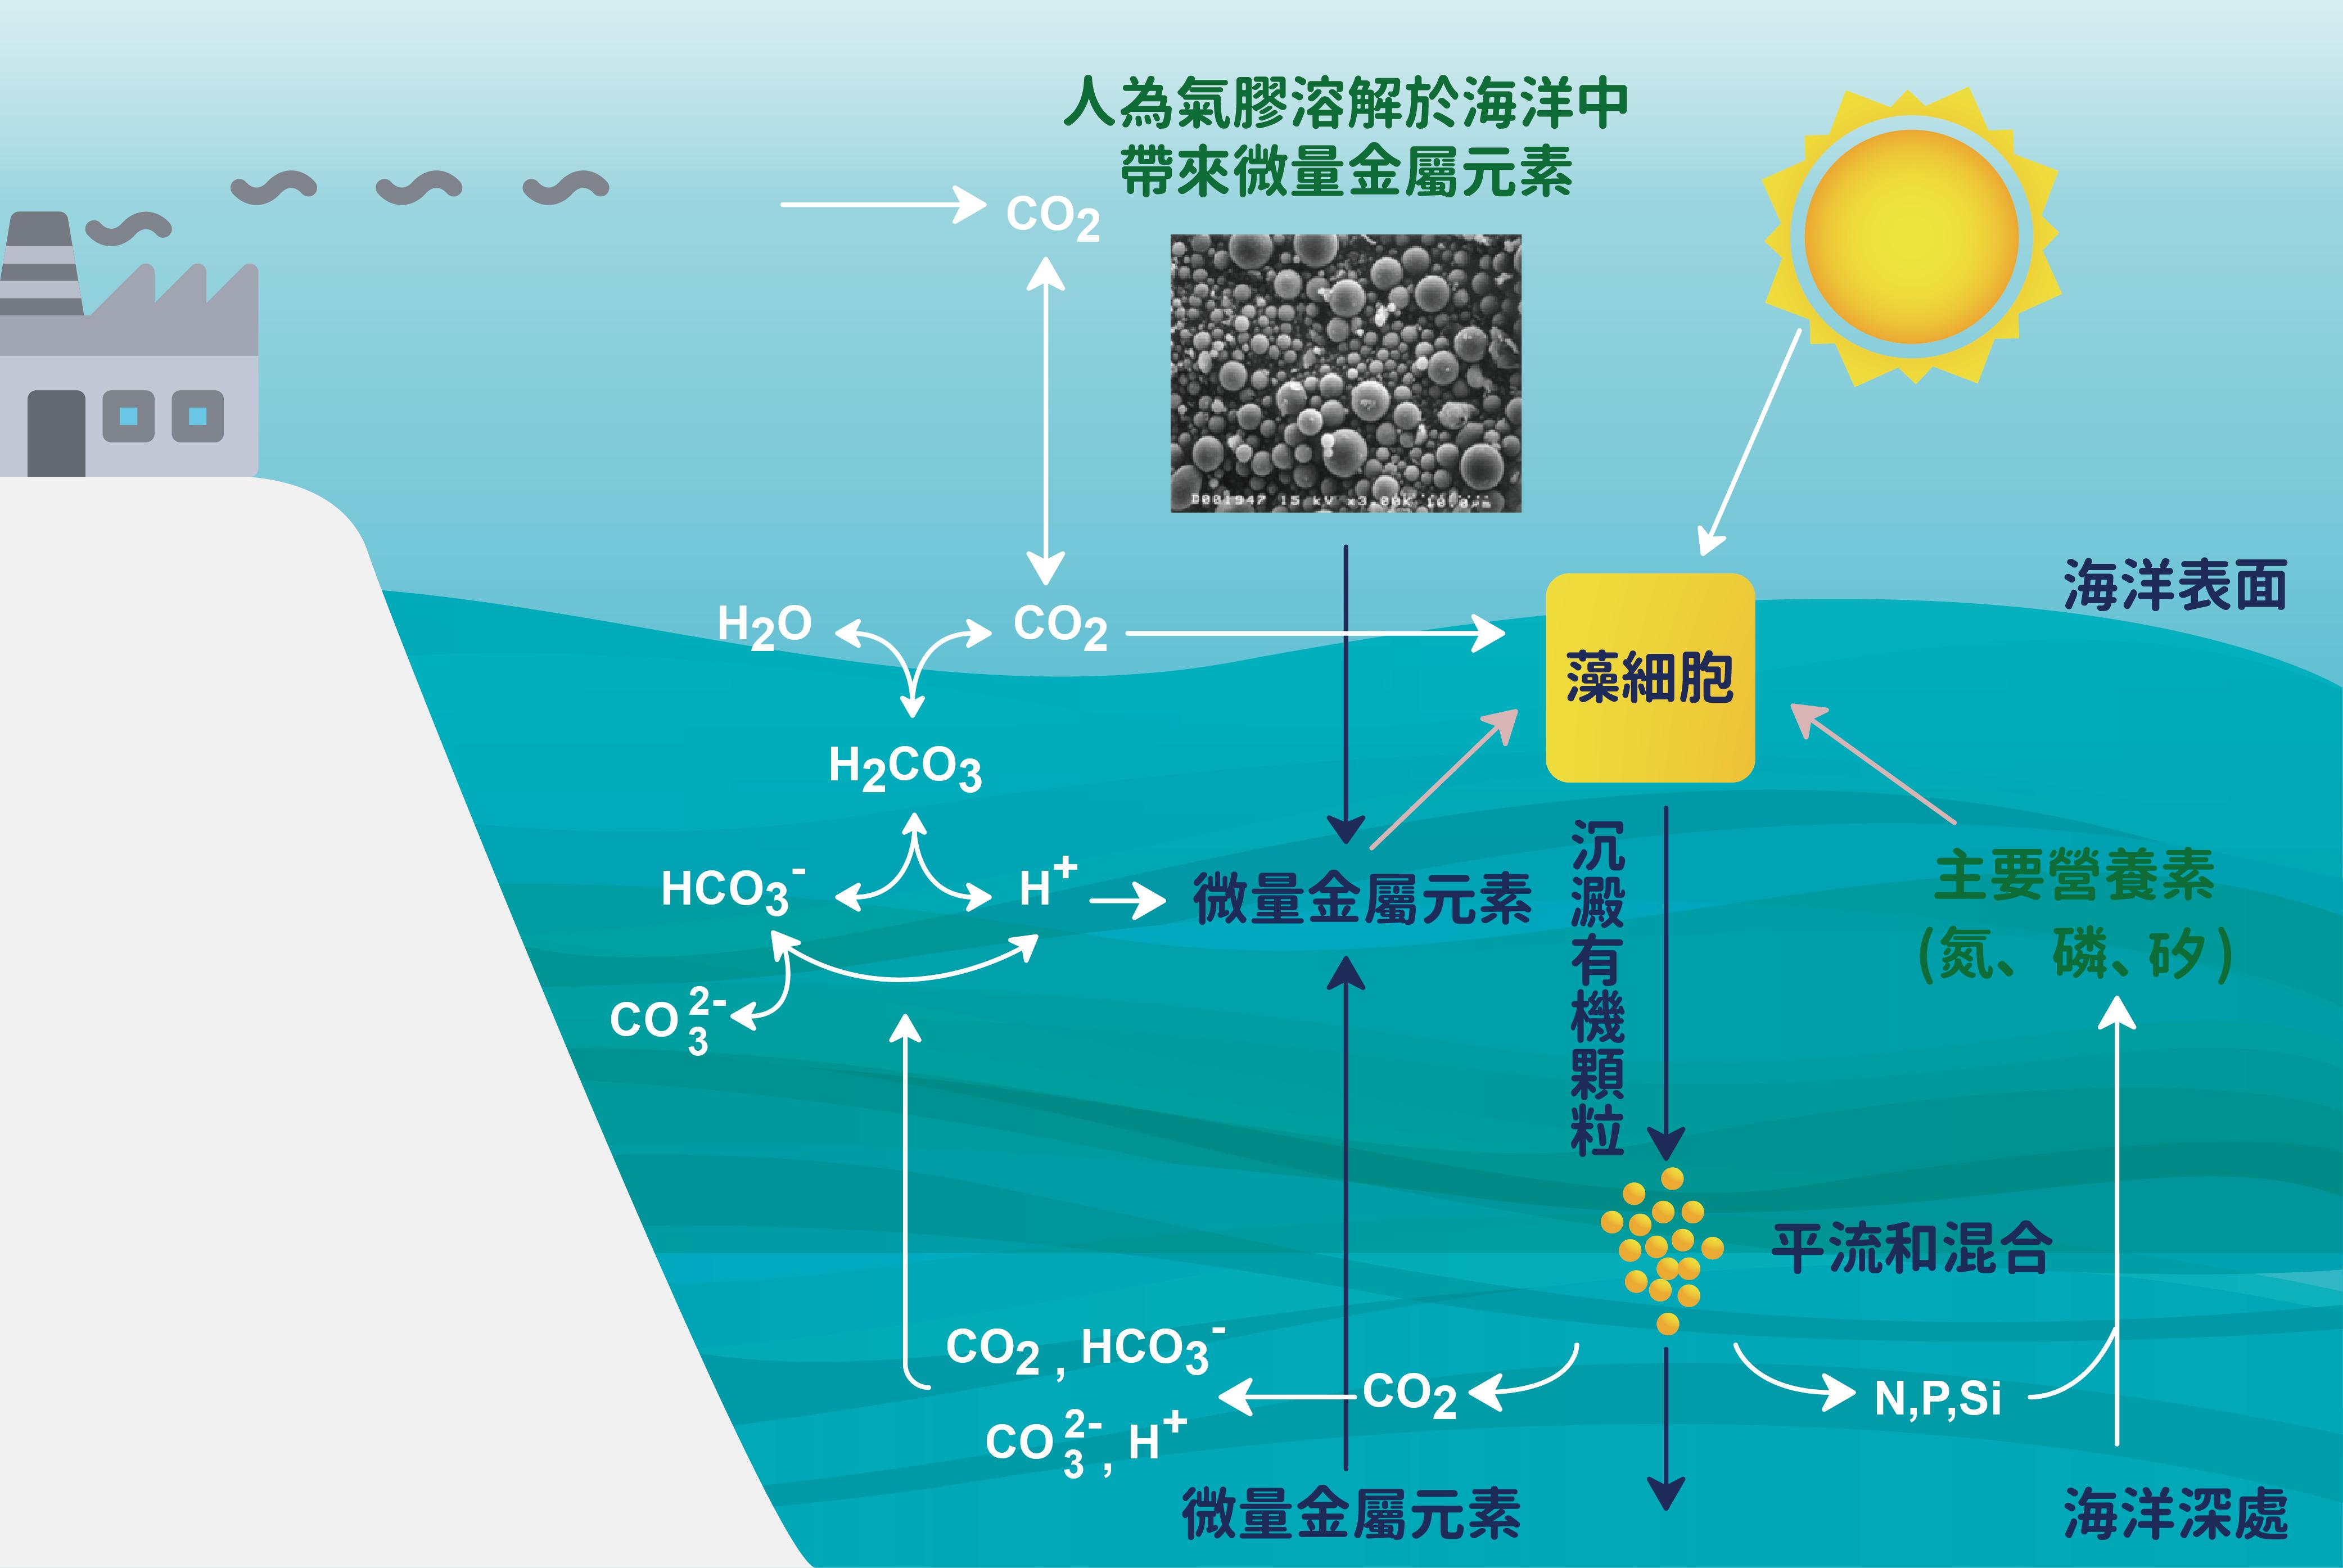 從物質循環圖可看出,當海中微量金屬元素與營養物質供應發生變化時,浮游植物的生長繁殖也會受到影響。 資料來源│Sunda (2010) 圖說重製│林婷嫻、張語辰